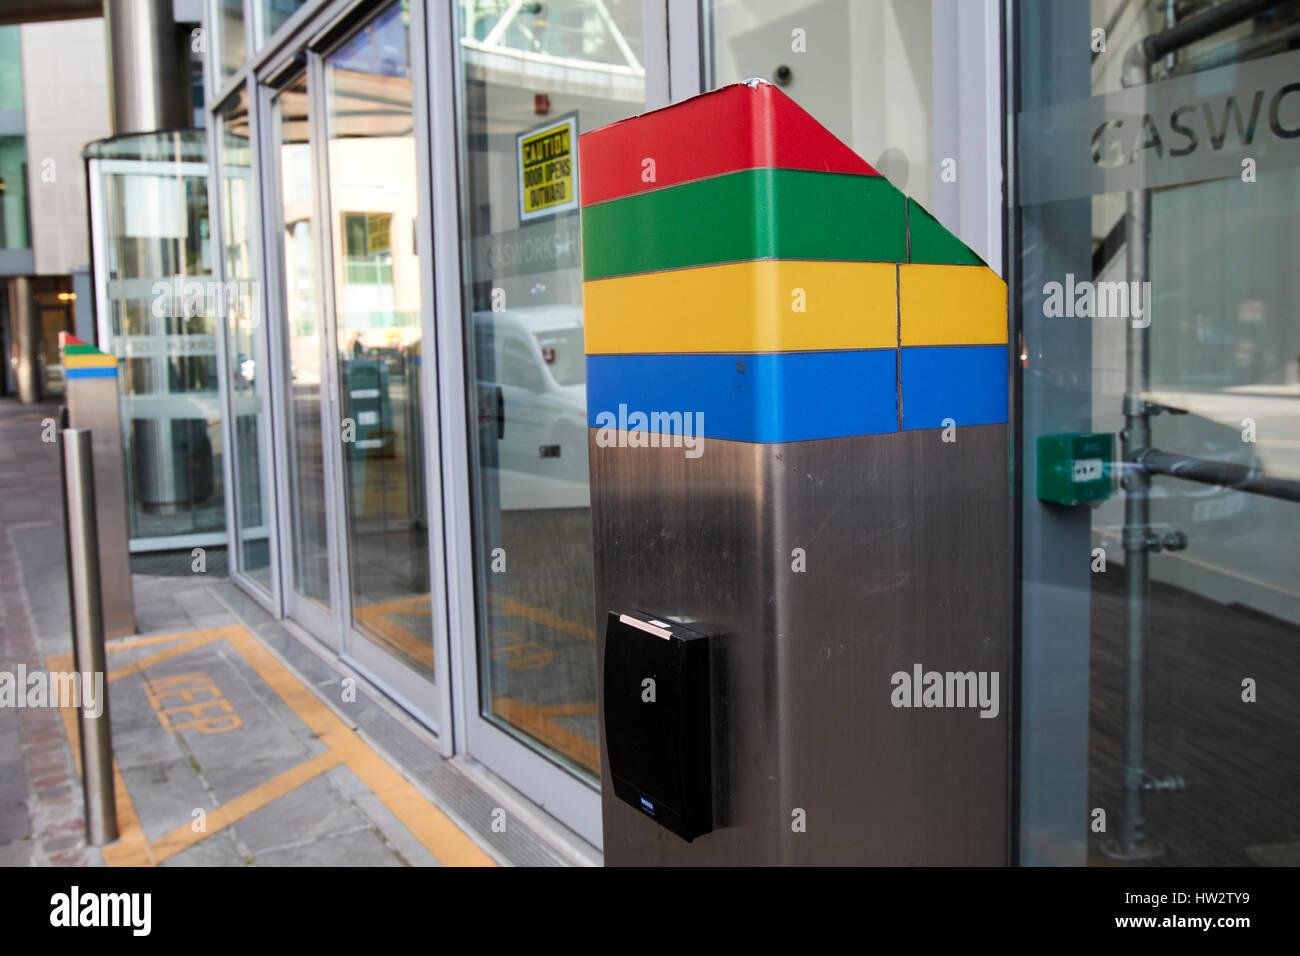 Google Office Building Stockfotos & Google Office Building Bilder ...